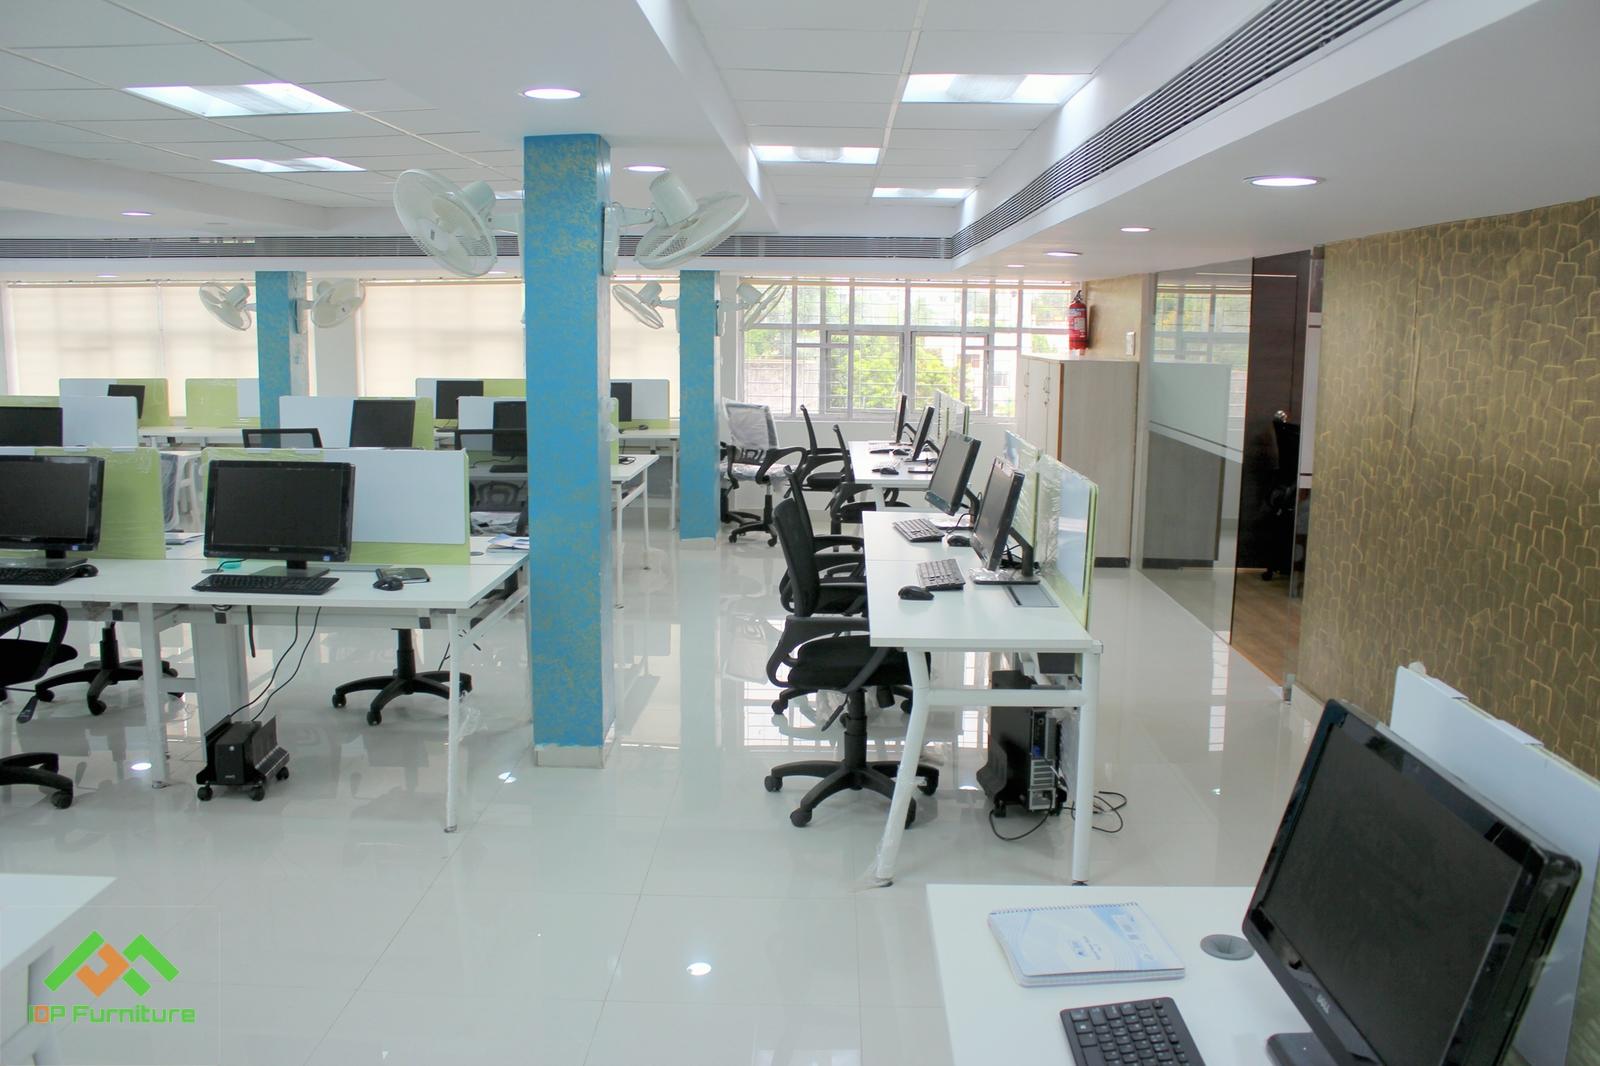 Thiết kế nội thất văn phòng icon4